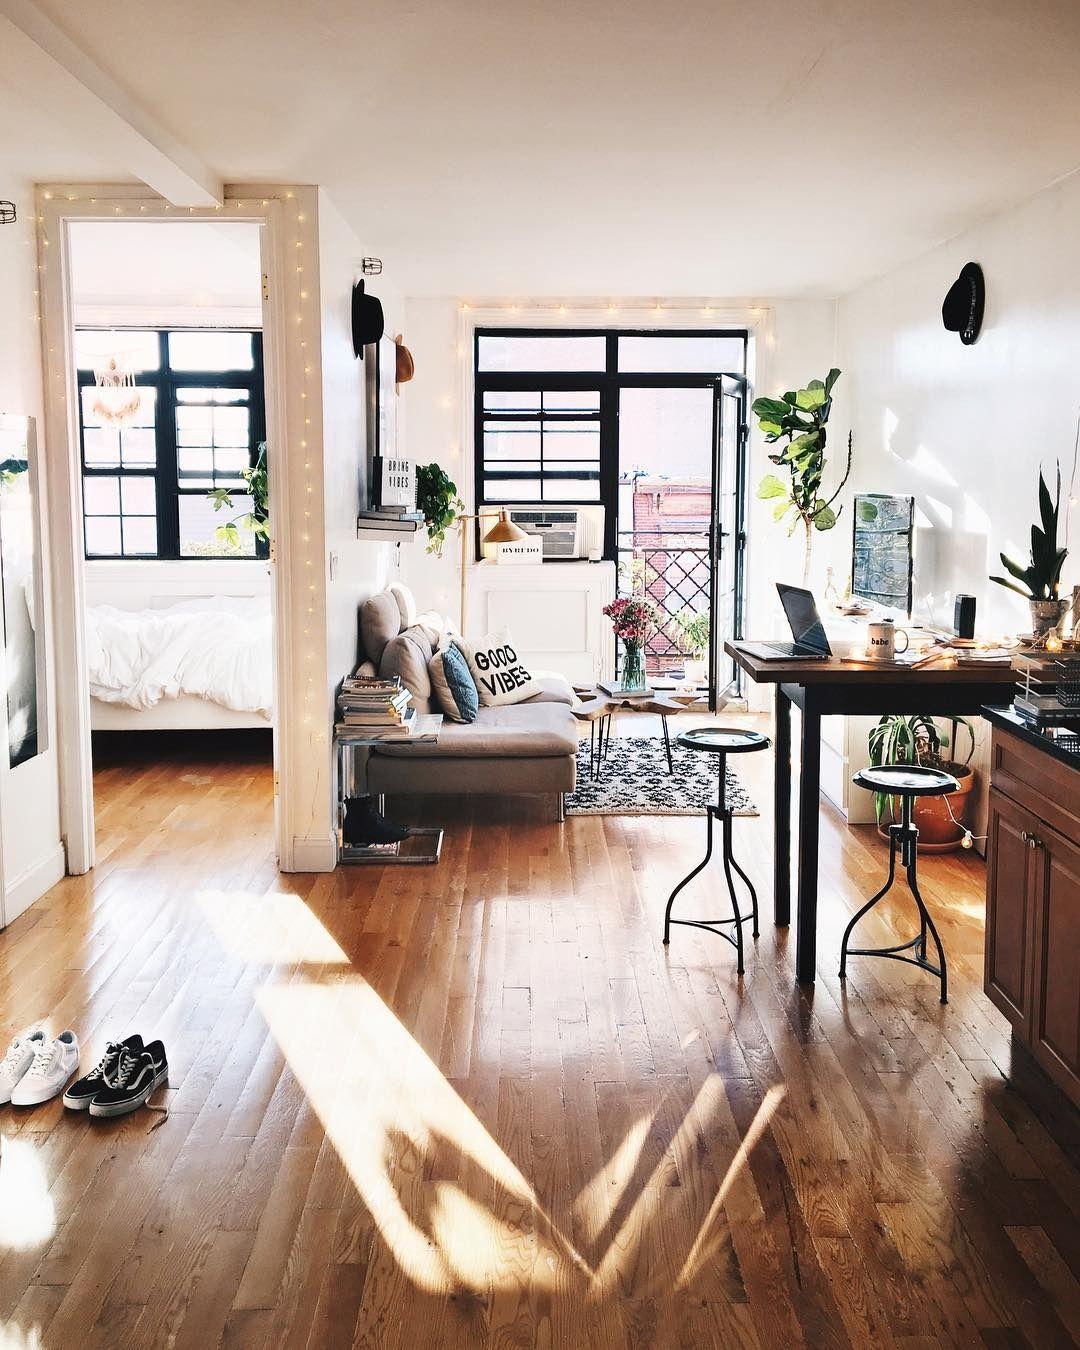 Guirlande lumineuse autour des portes home en 2018 pinterest maison appartement et - Guirlande lumineuse salon ...